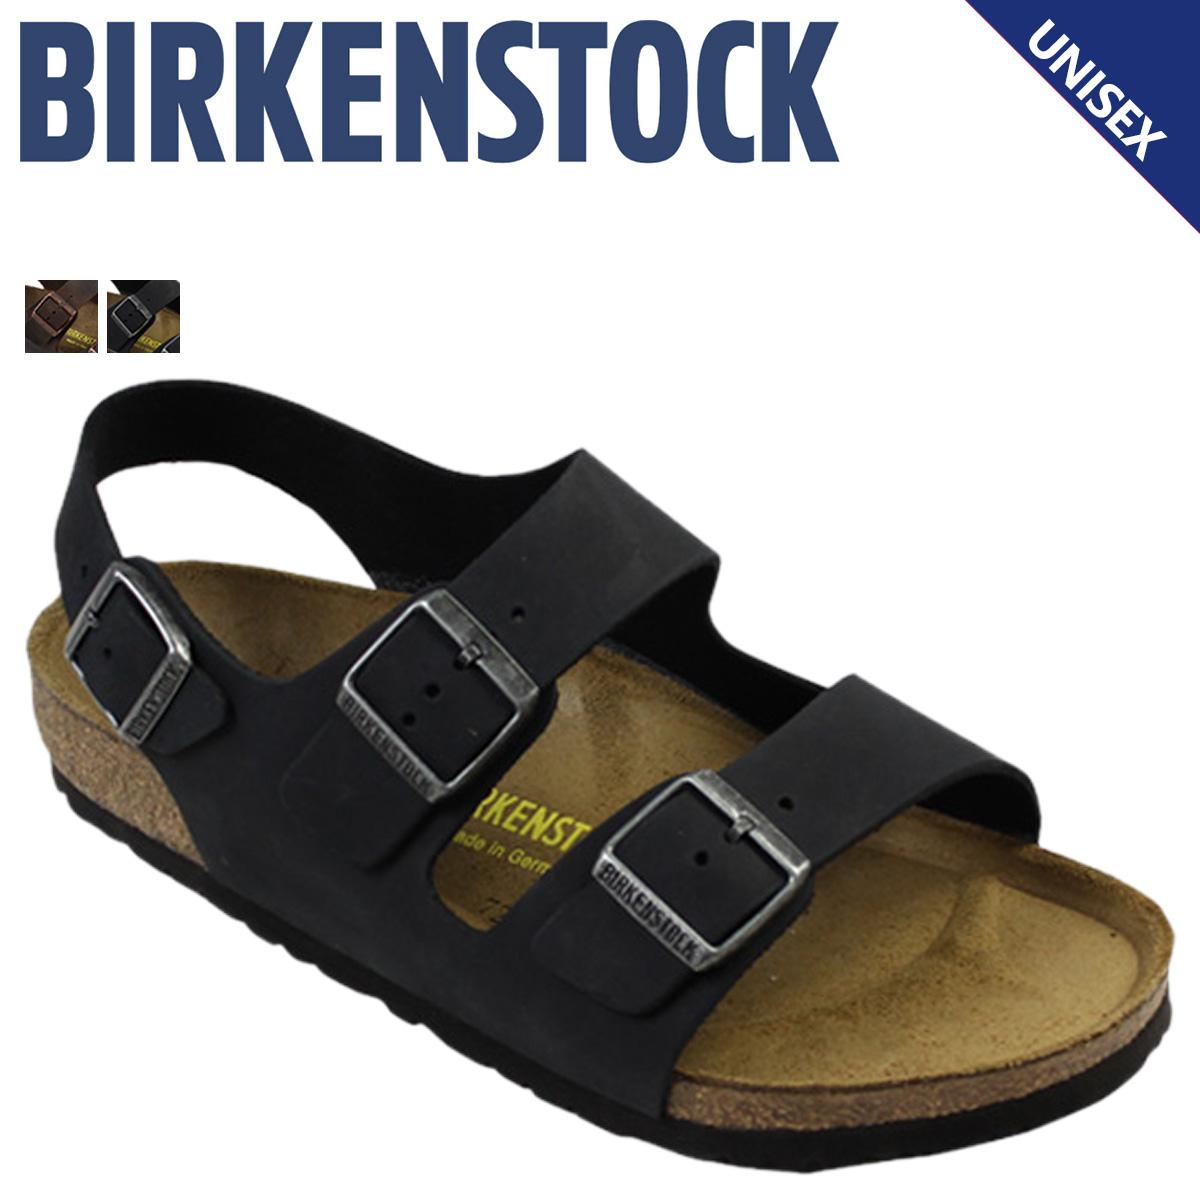 ビルケンシュトック BIRKENSTOCK ミラノ サンダル メンズ MILANO ビルケン レザー 普通幅 細幅 ブラック ブラウン 黒